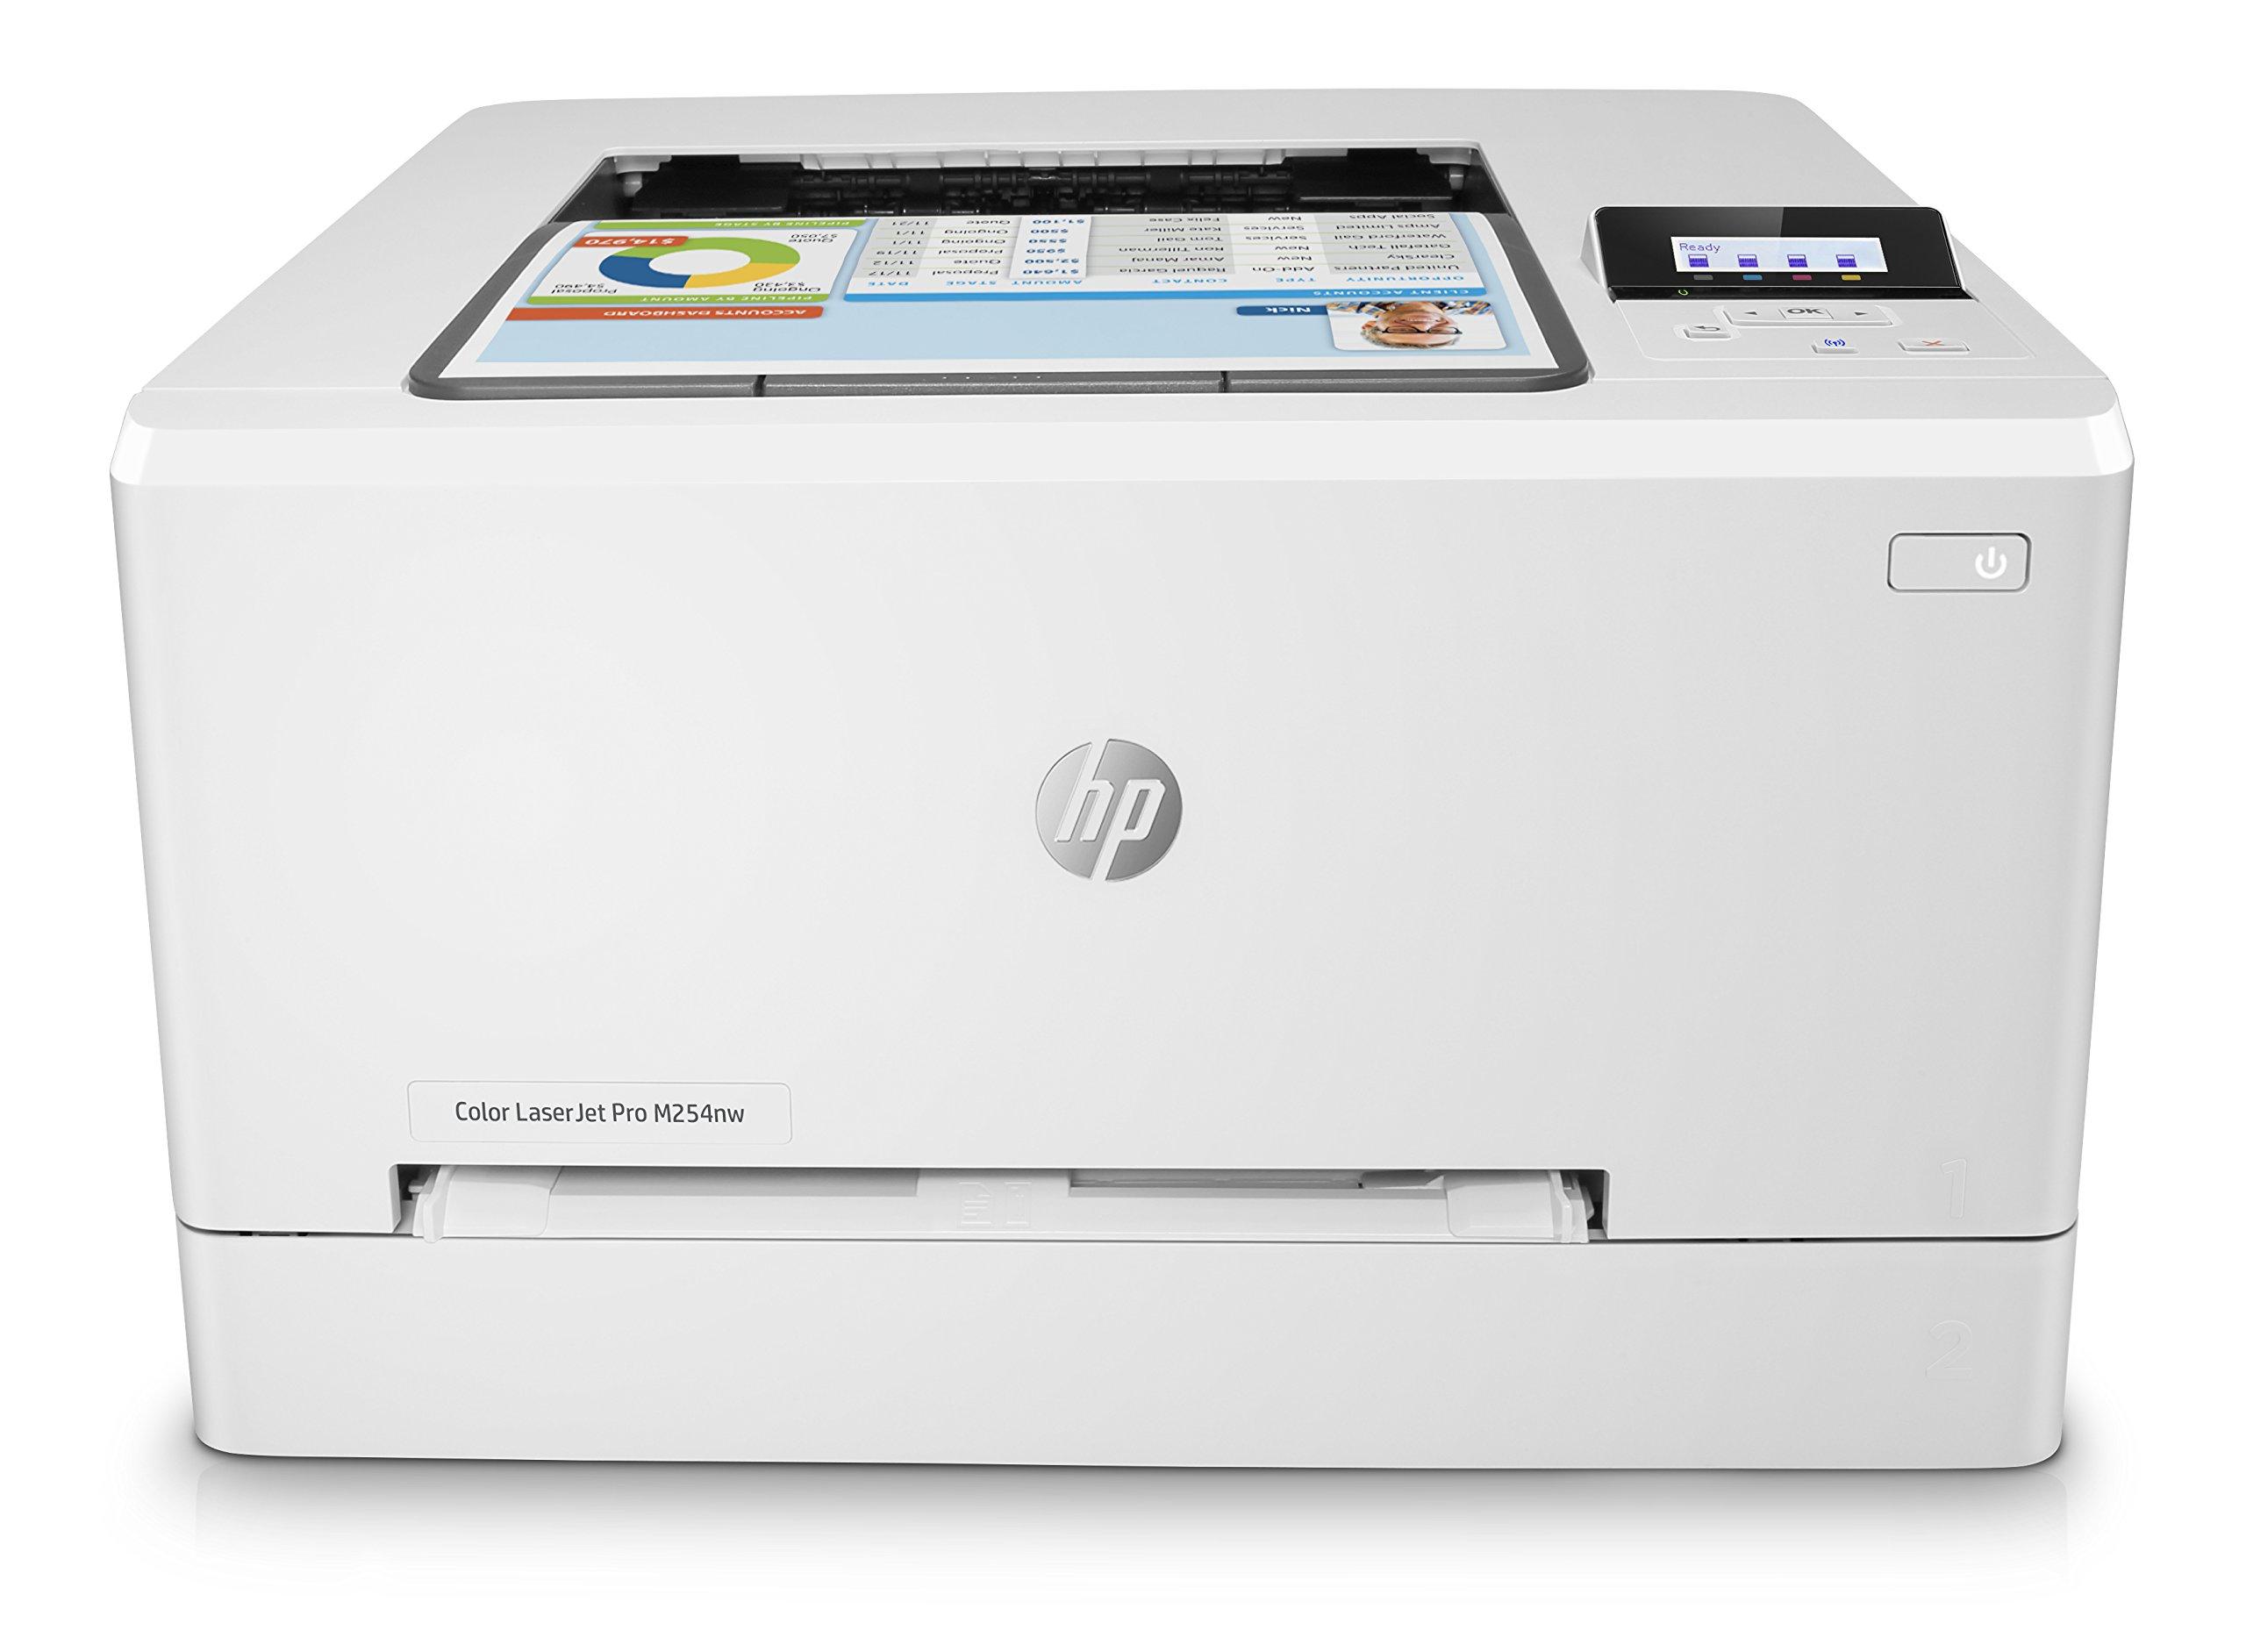 HP Laser Jet Pro M254nw - Impresora Color láser (hasta 21 ppm, ethernet y